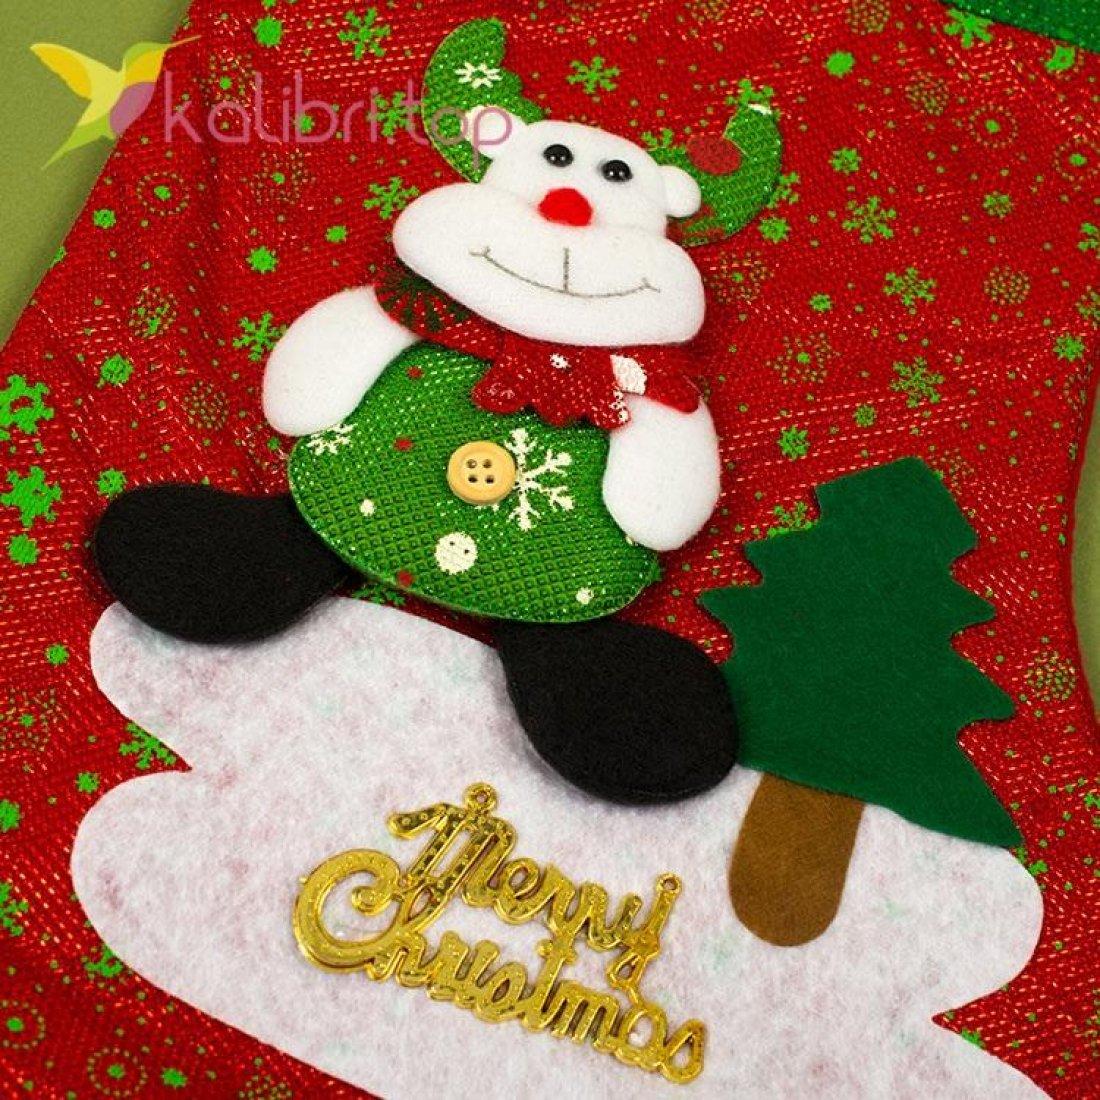 Сапожок для подарков большой микс 3, оптом фото 2